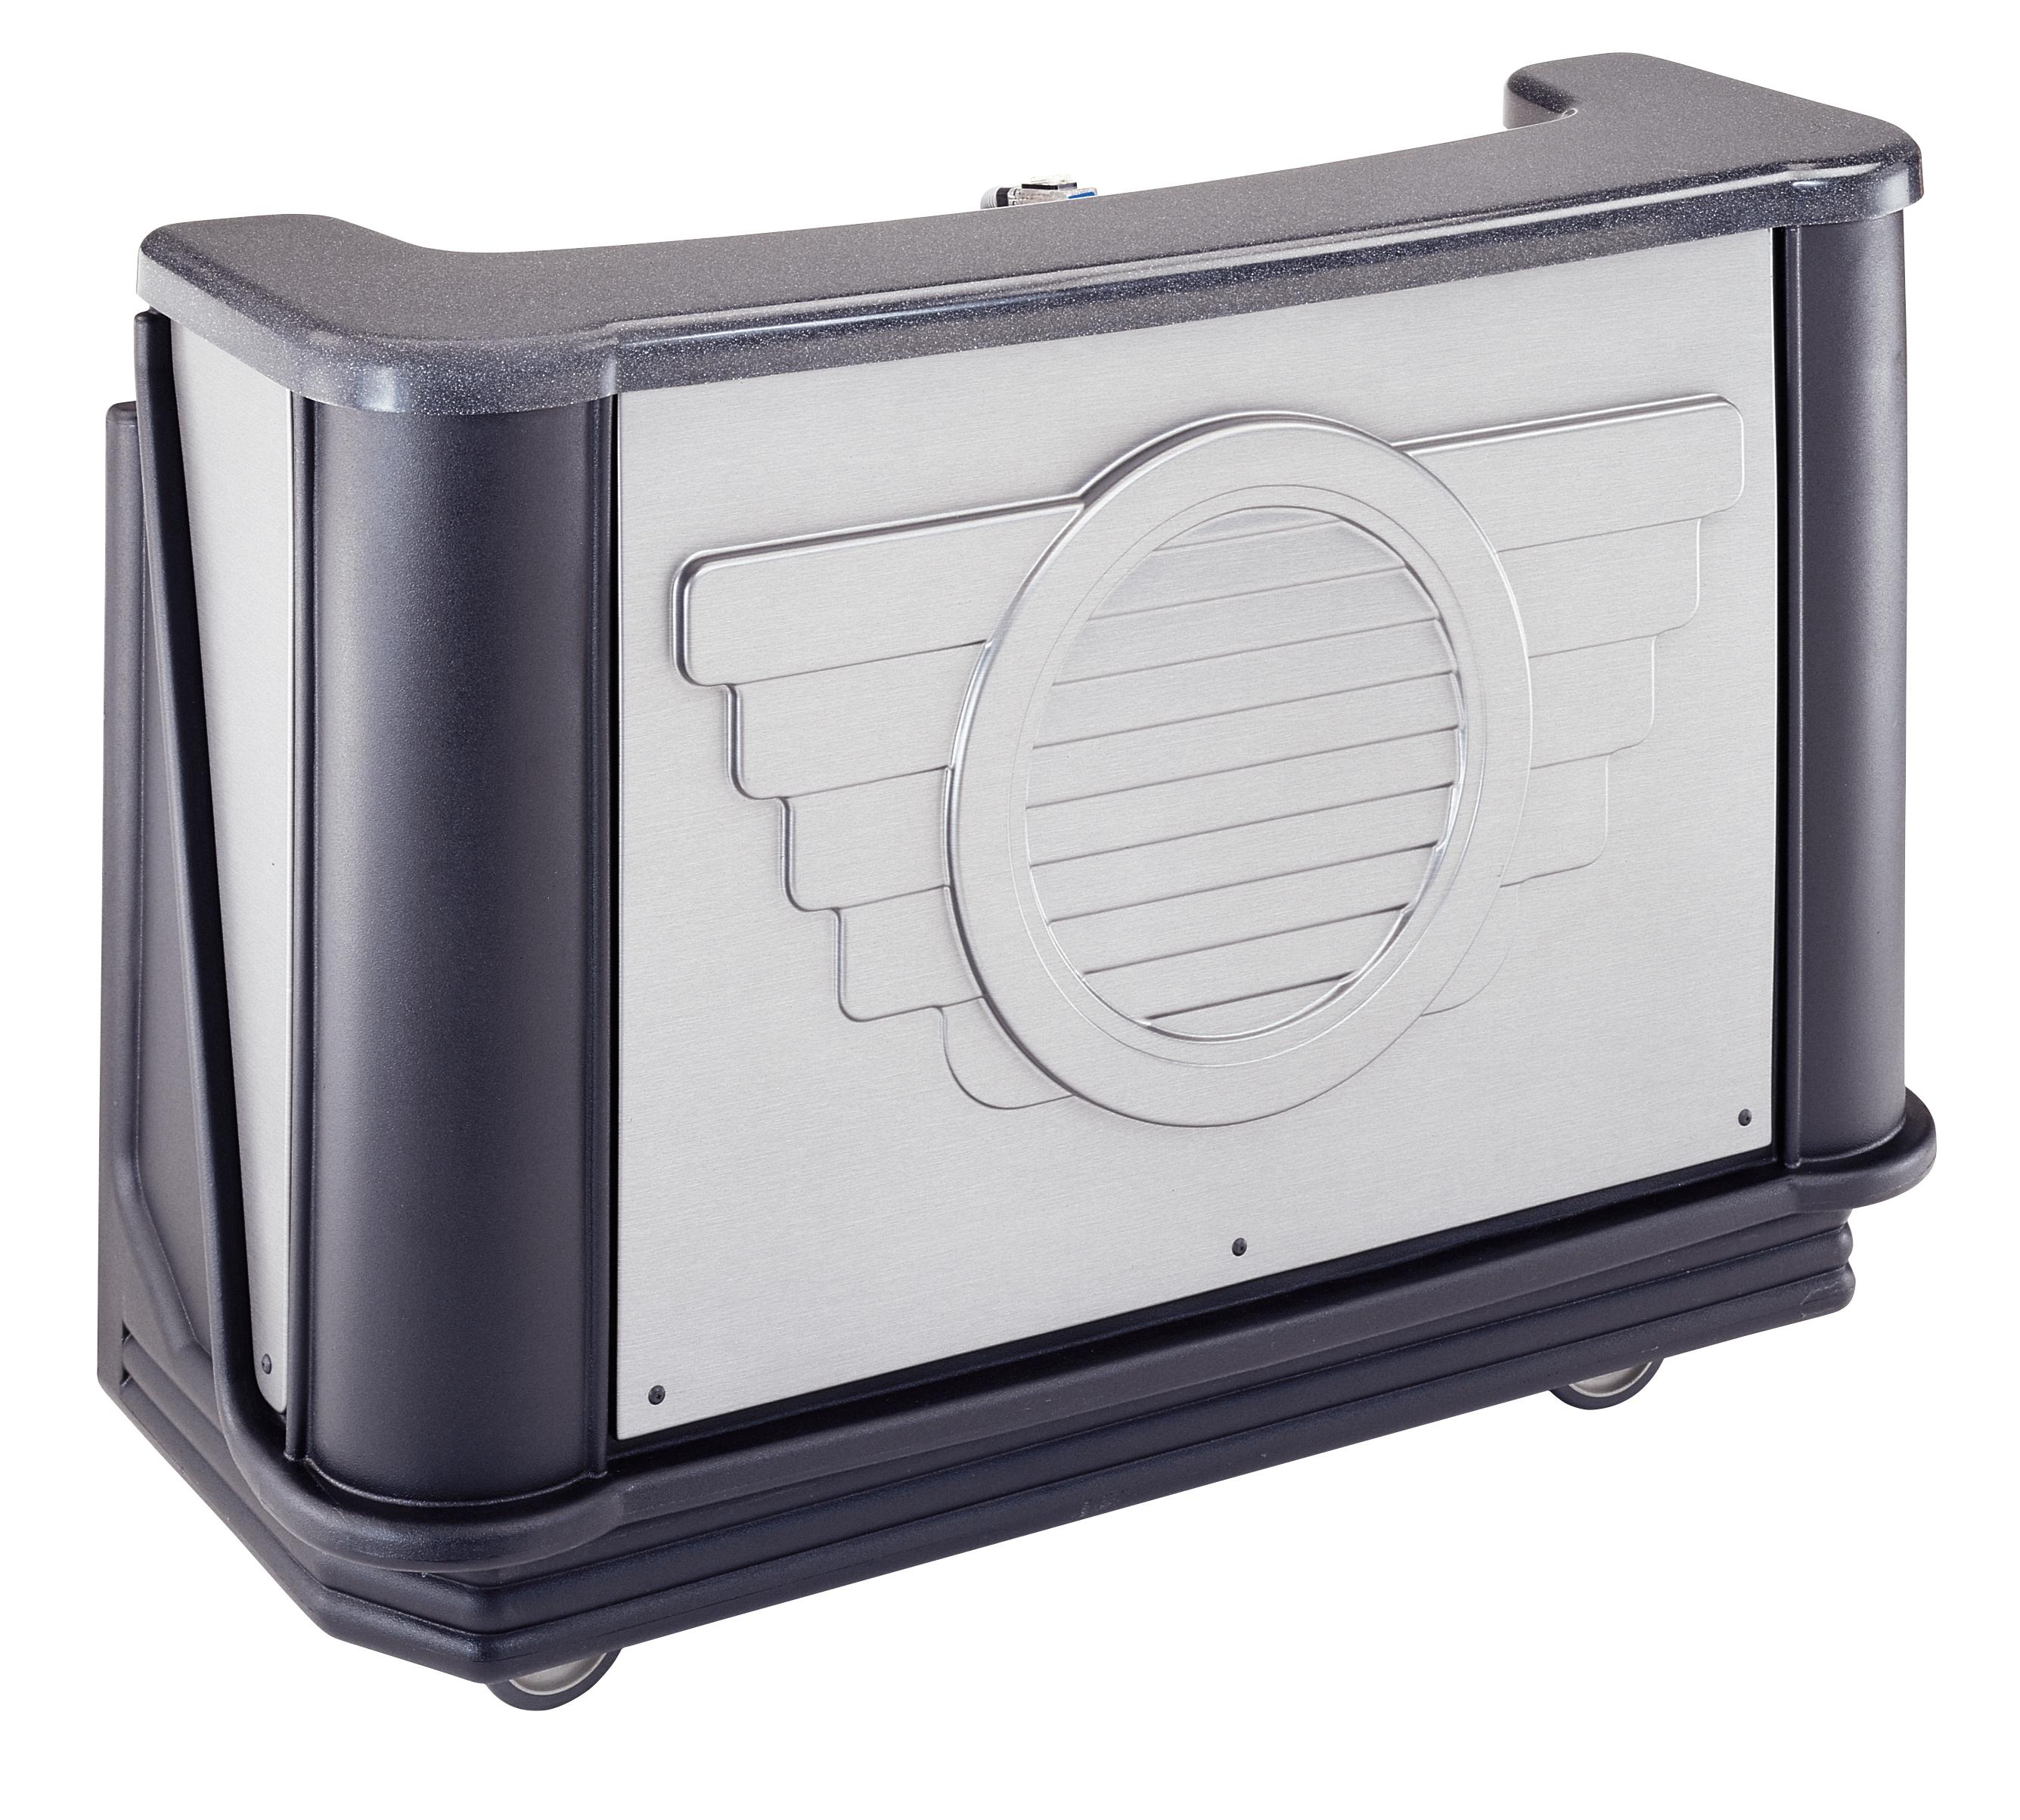 Cambro BAR650DSPMT2667 portable bar